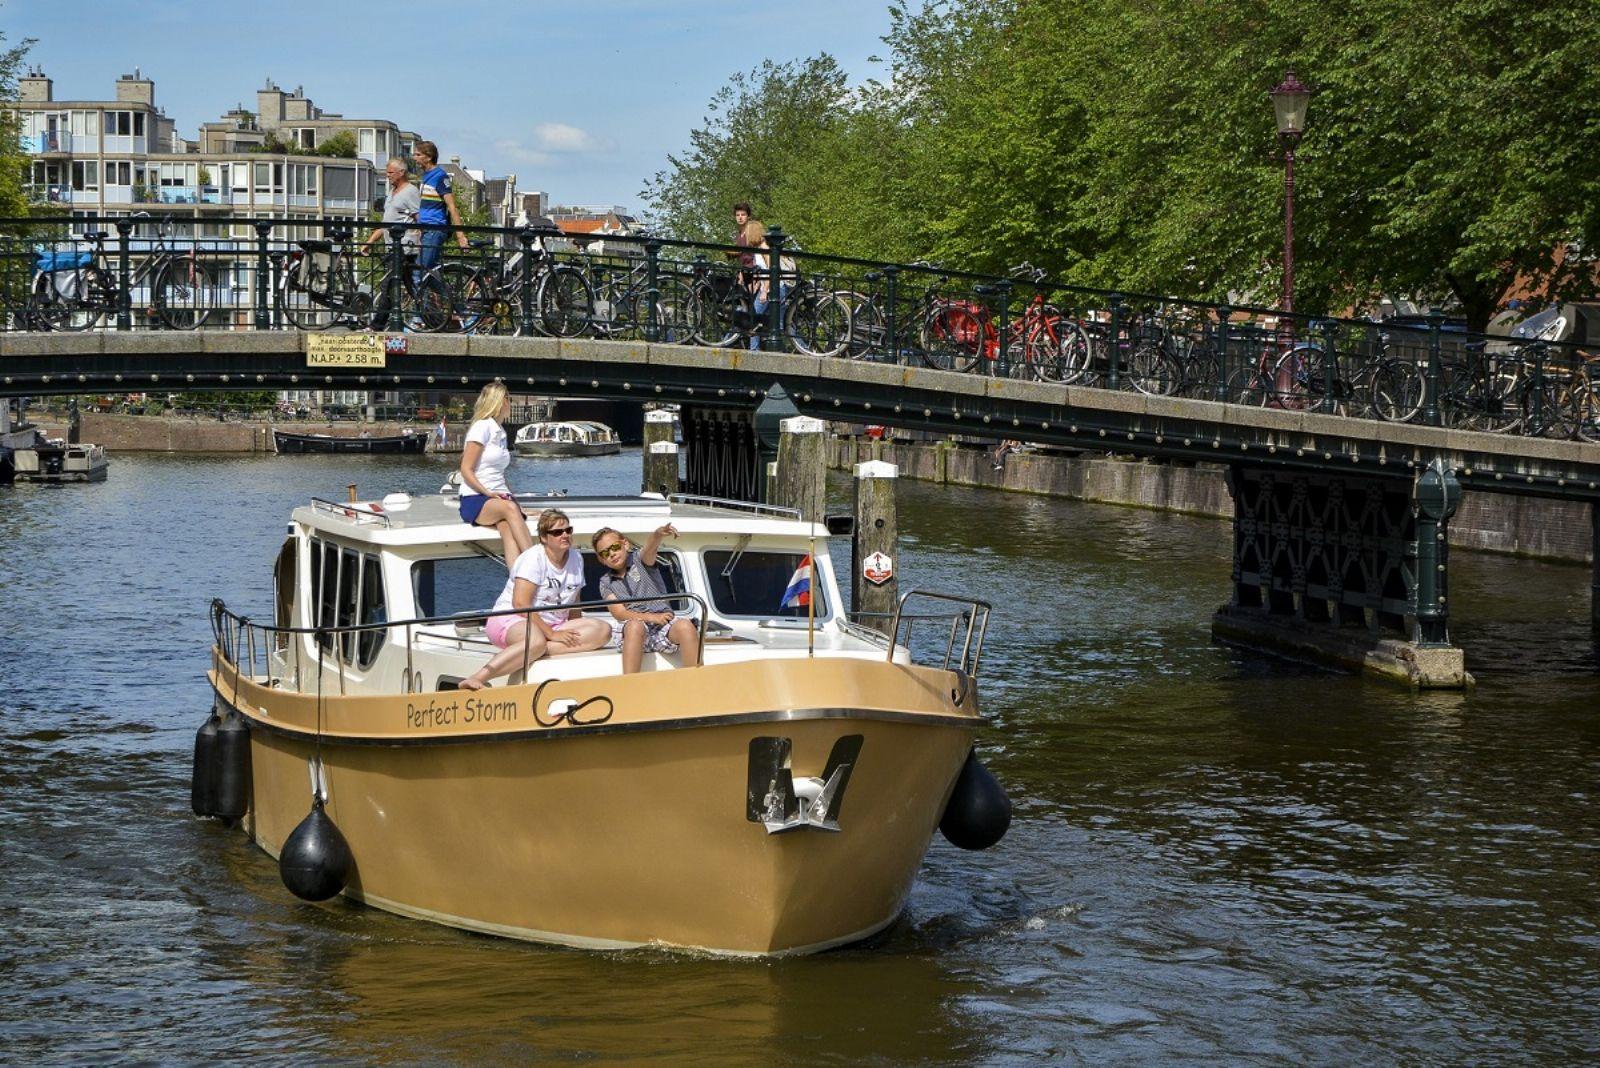 yachtcharter met twee luxe motorjachten